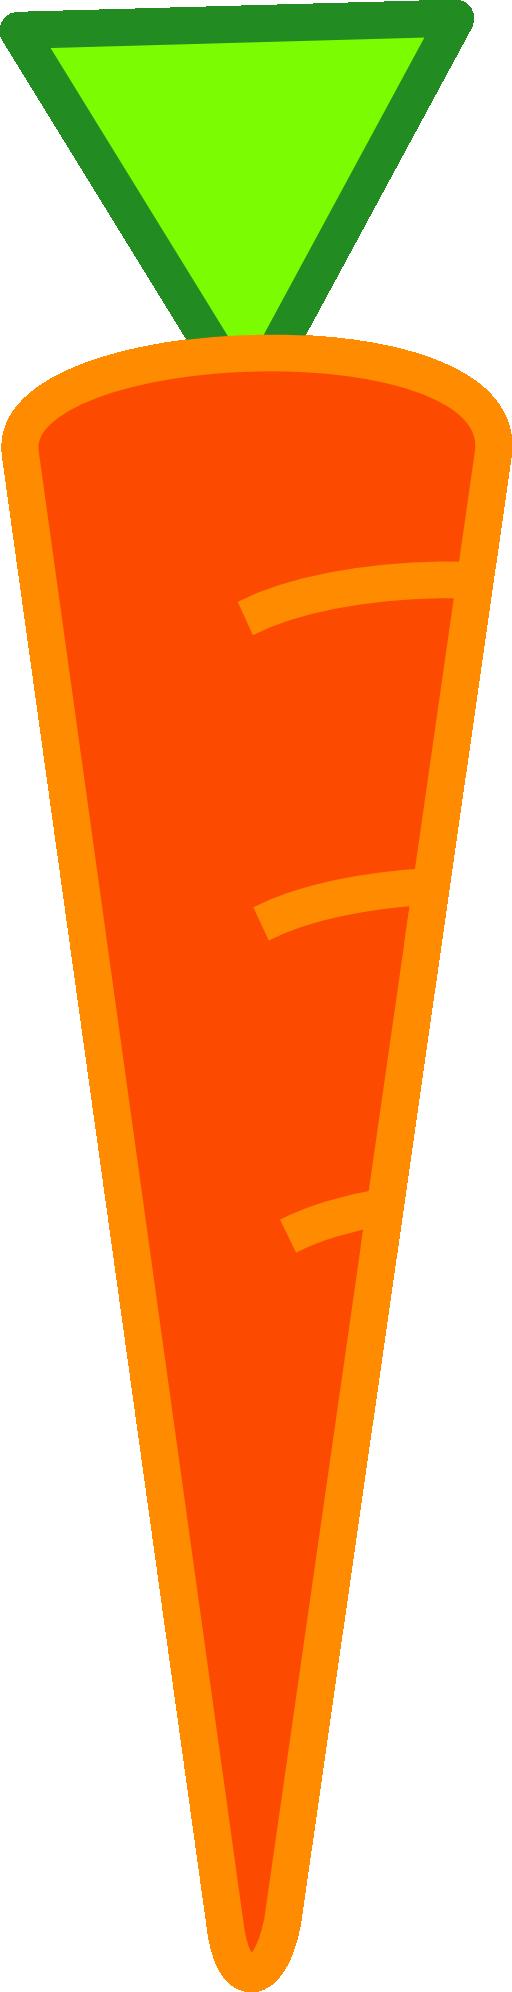 Carrot clipart carrot nose Clip Clip Cartoon — Clipartwork